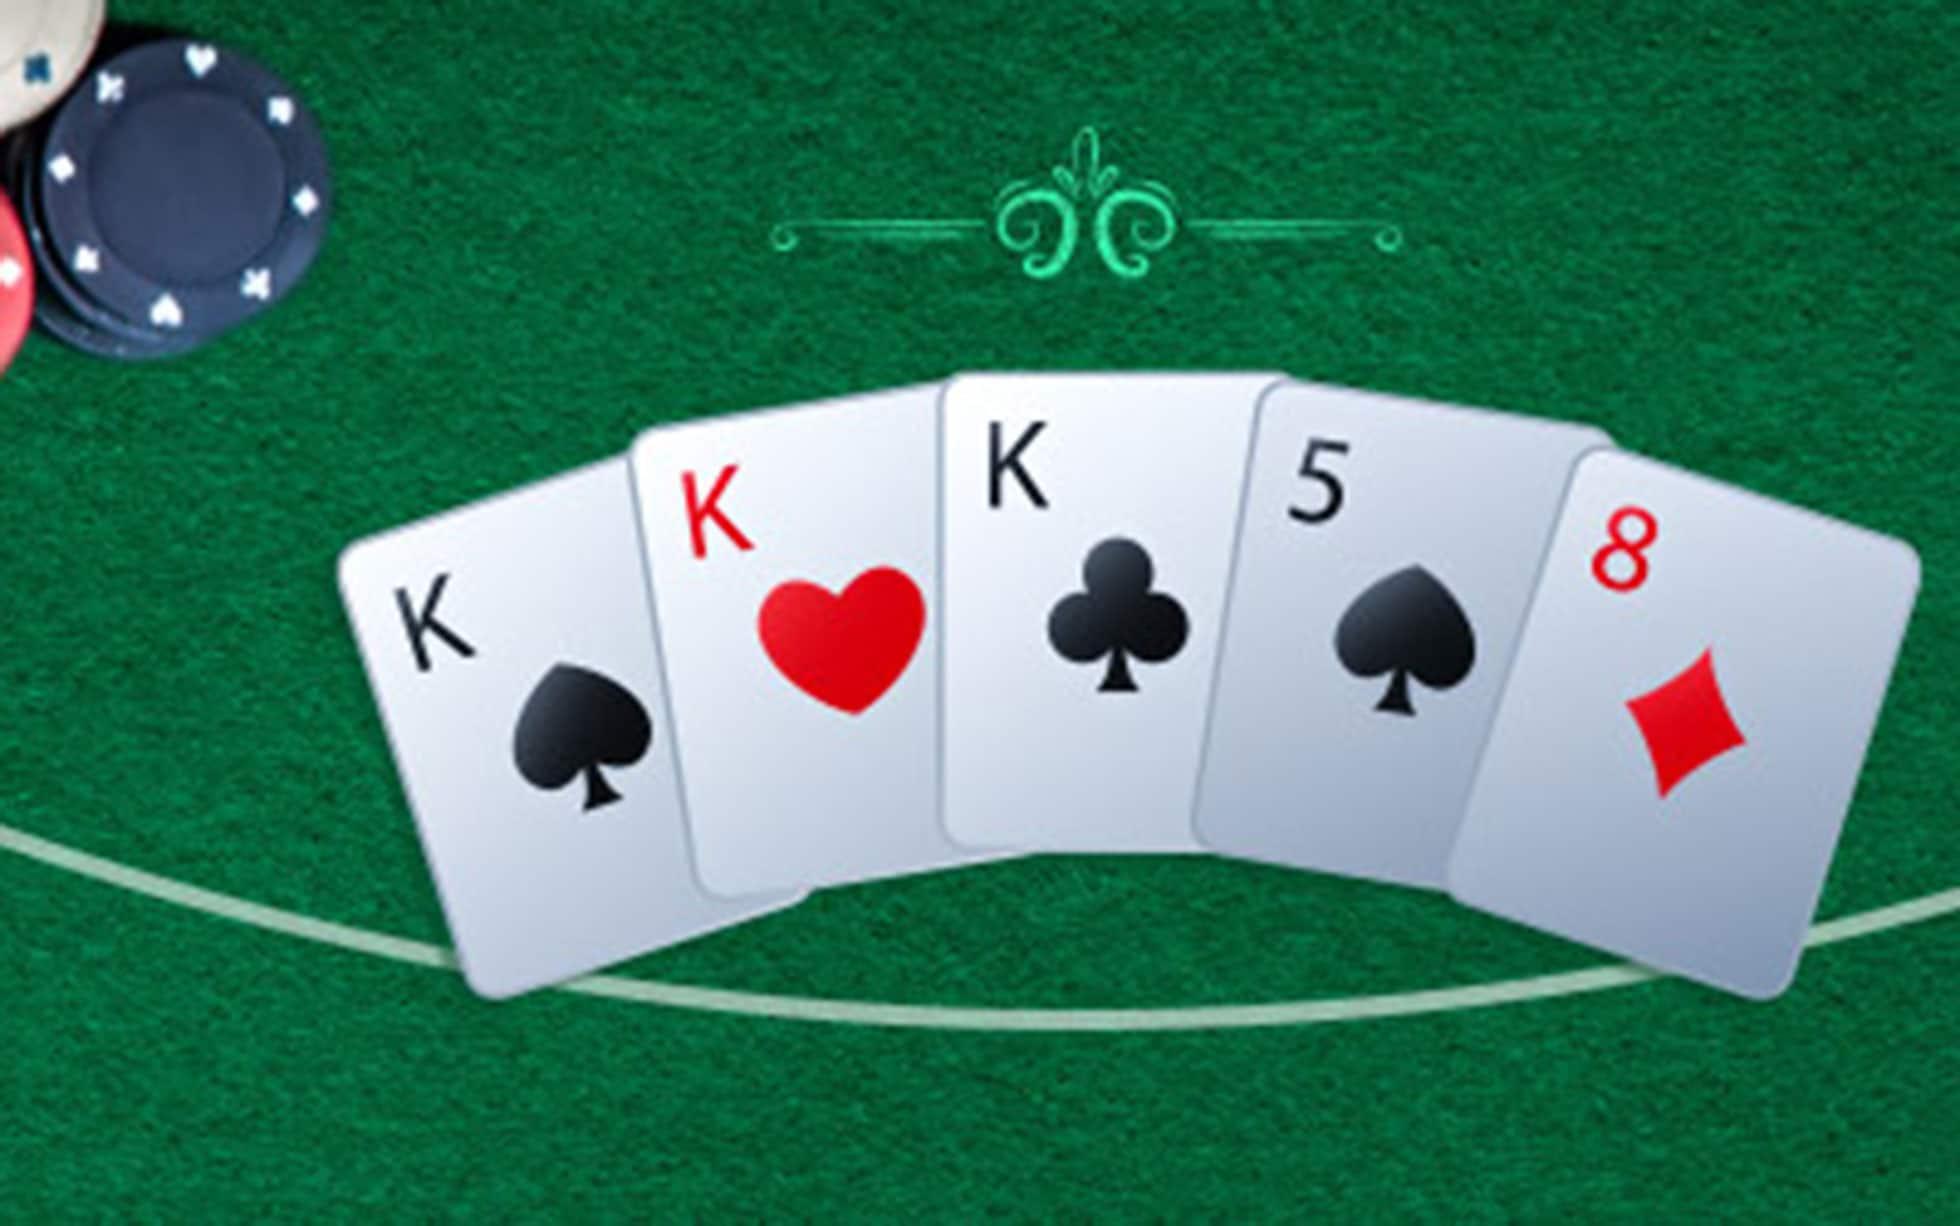 Methods To Start Selling Online Gambling